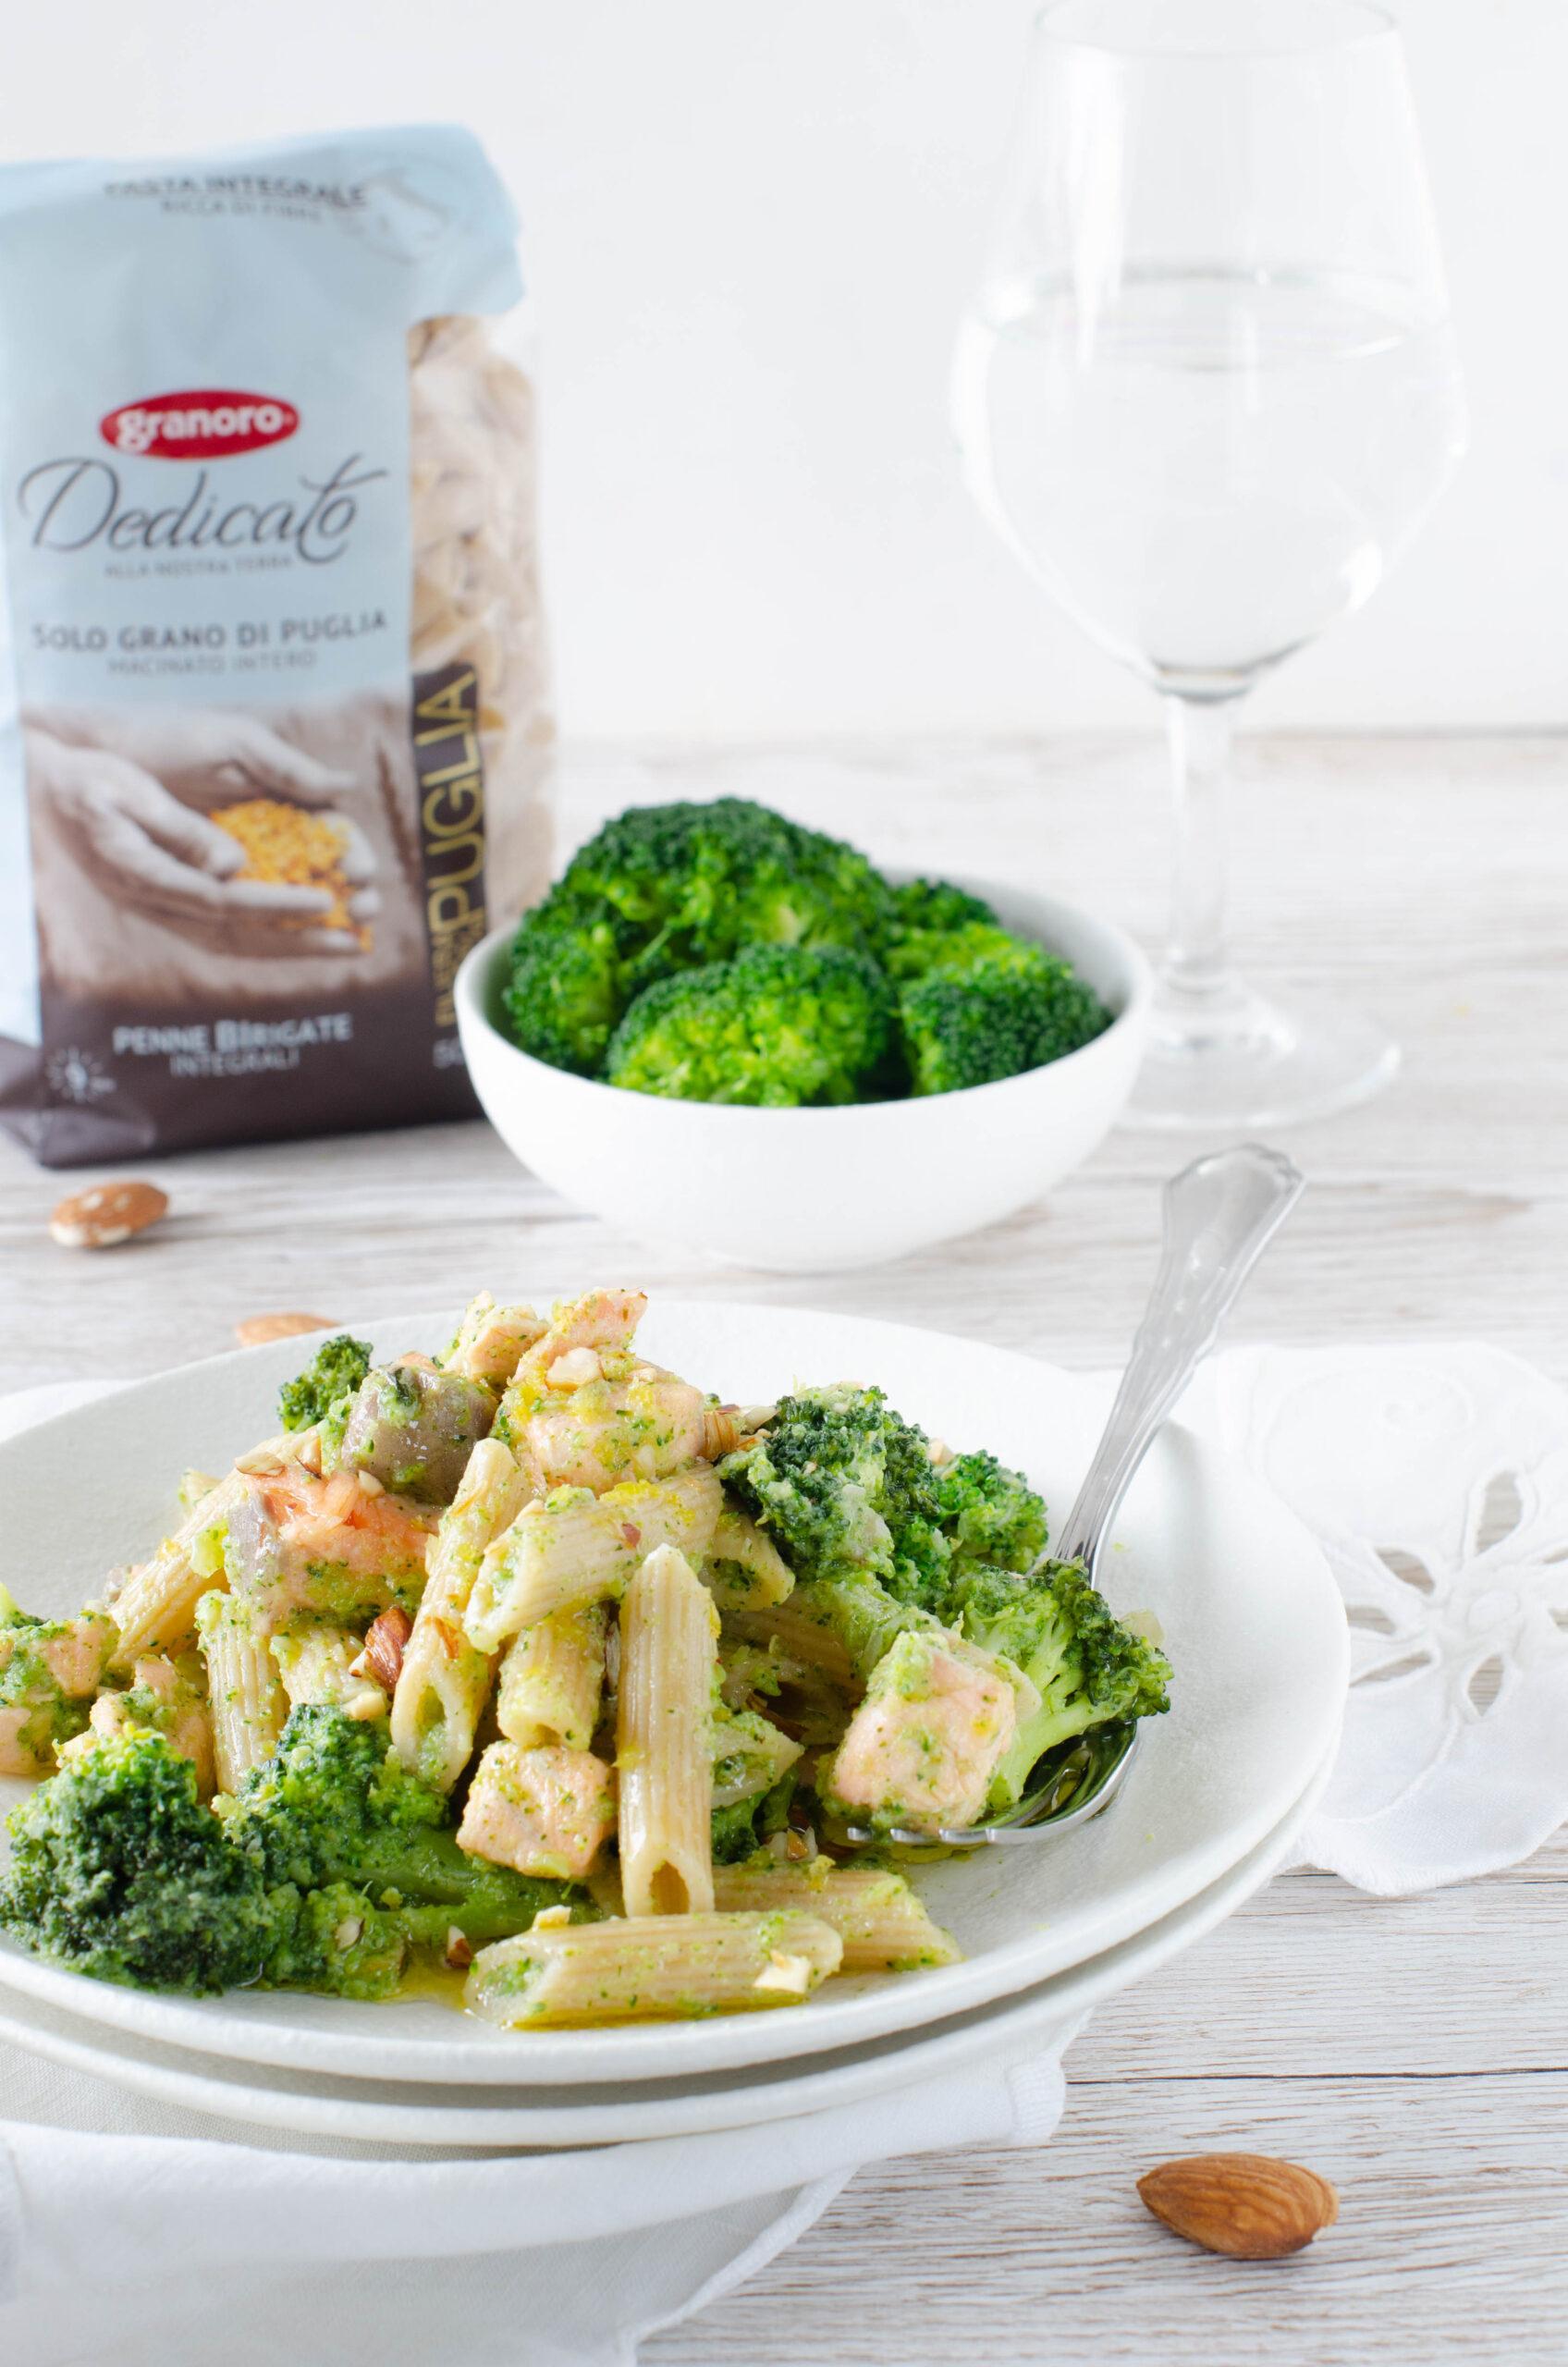 Penne birigate integrali con crema di broccoli salmone fresco e mandorle